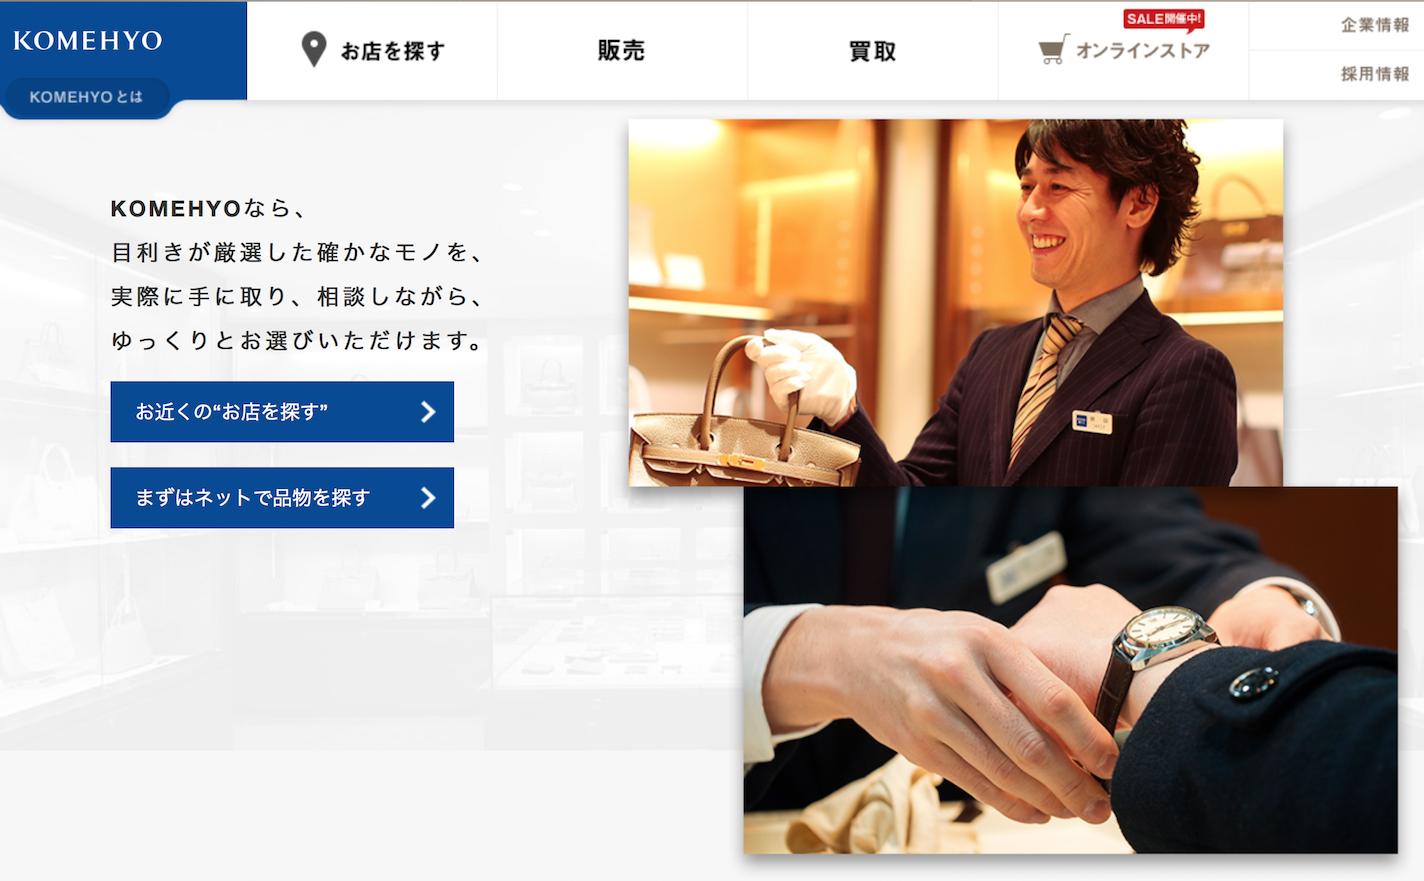 日本最大二手商店运营商 Komehyo 收购两家时尚行业公司:Eve Corporation、Ark marketing japan